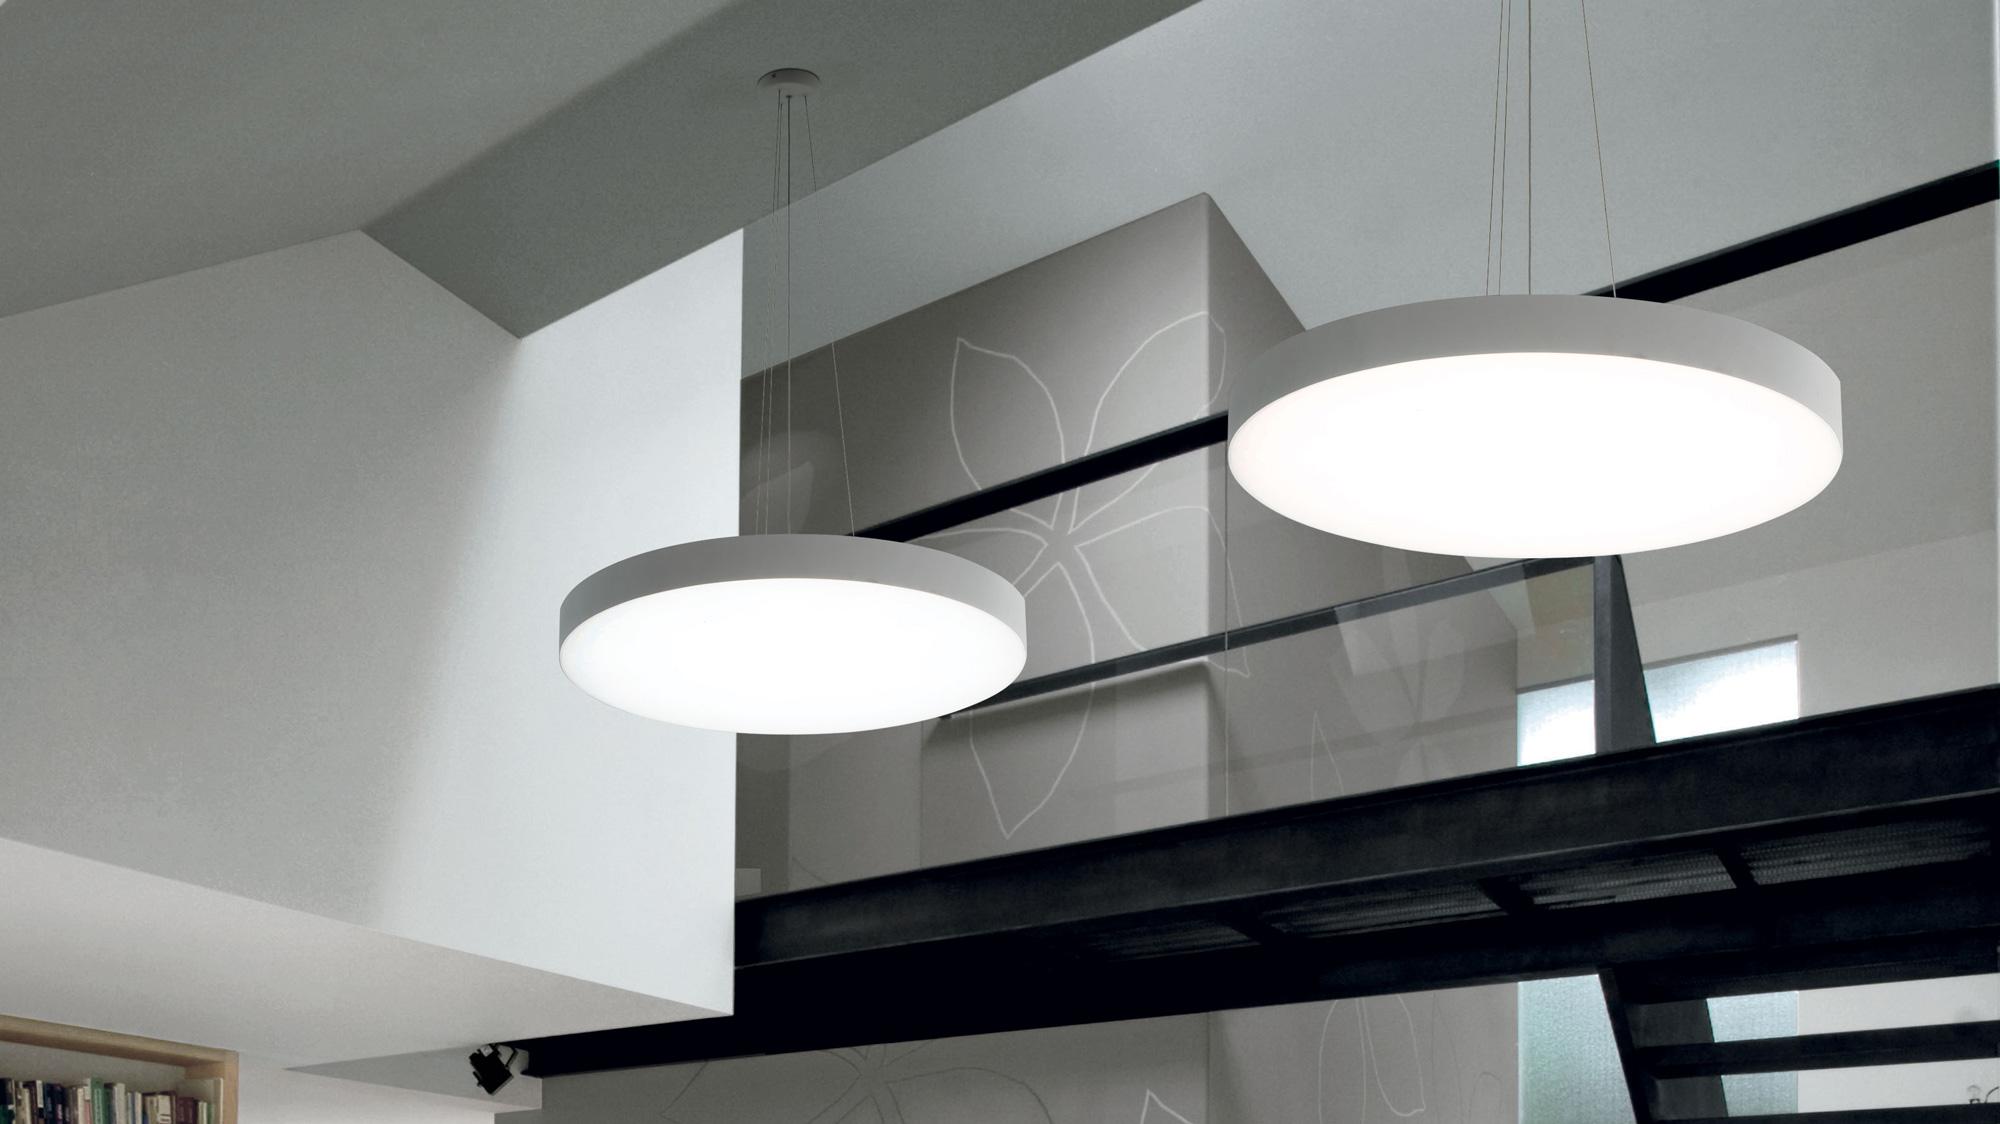 FYLO: NUR DAS BESTE DES LICHTS | Linea Light Group